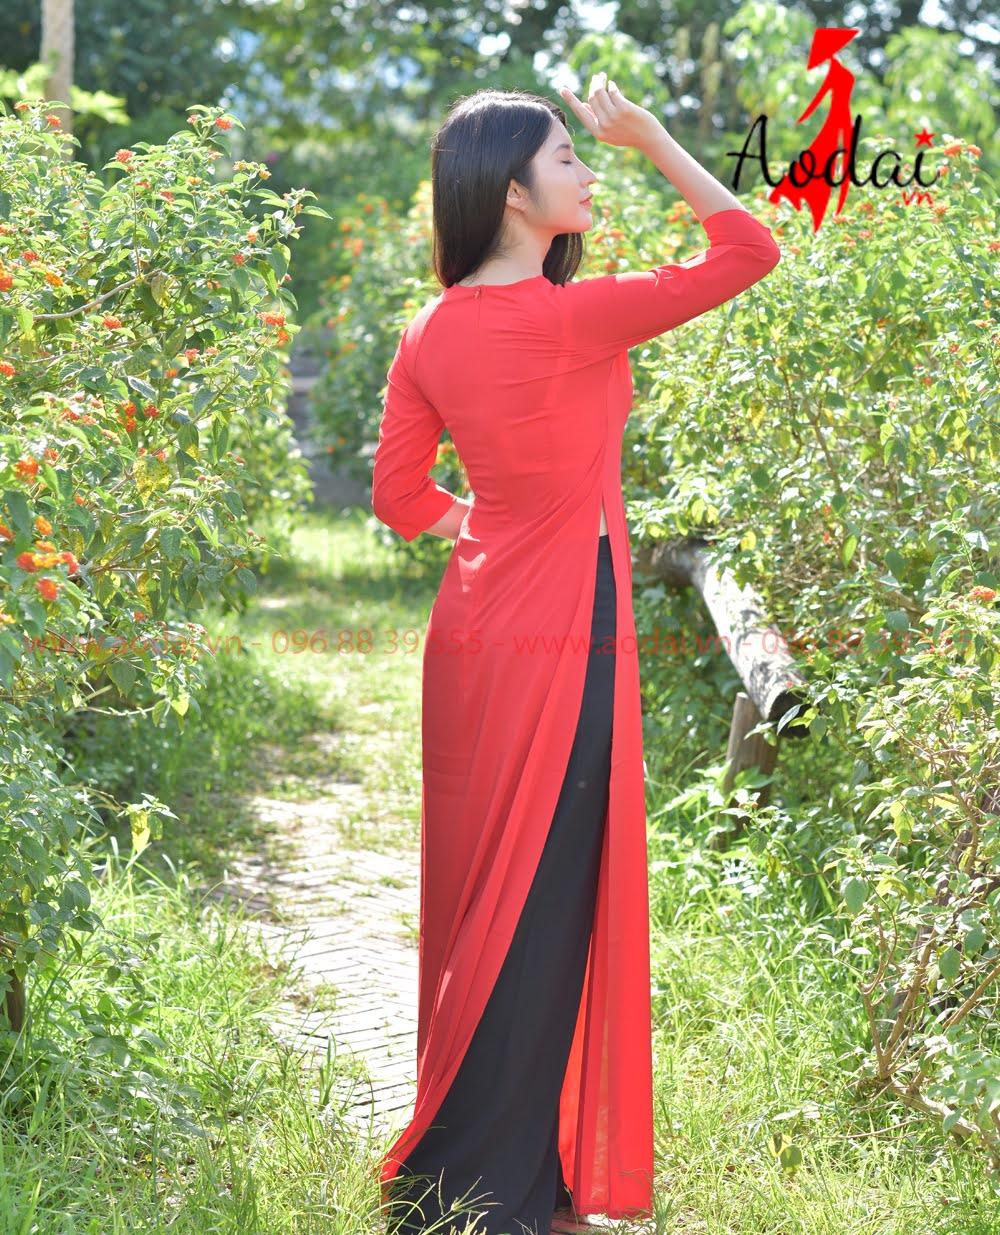 Áo Dài Nữ Mầu Đỏ Cổ tròn - Quần đen